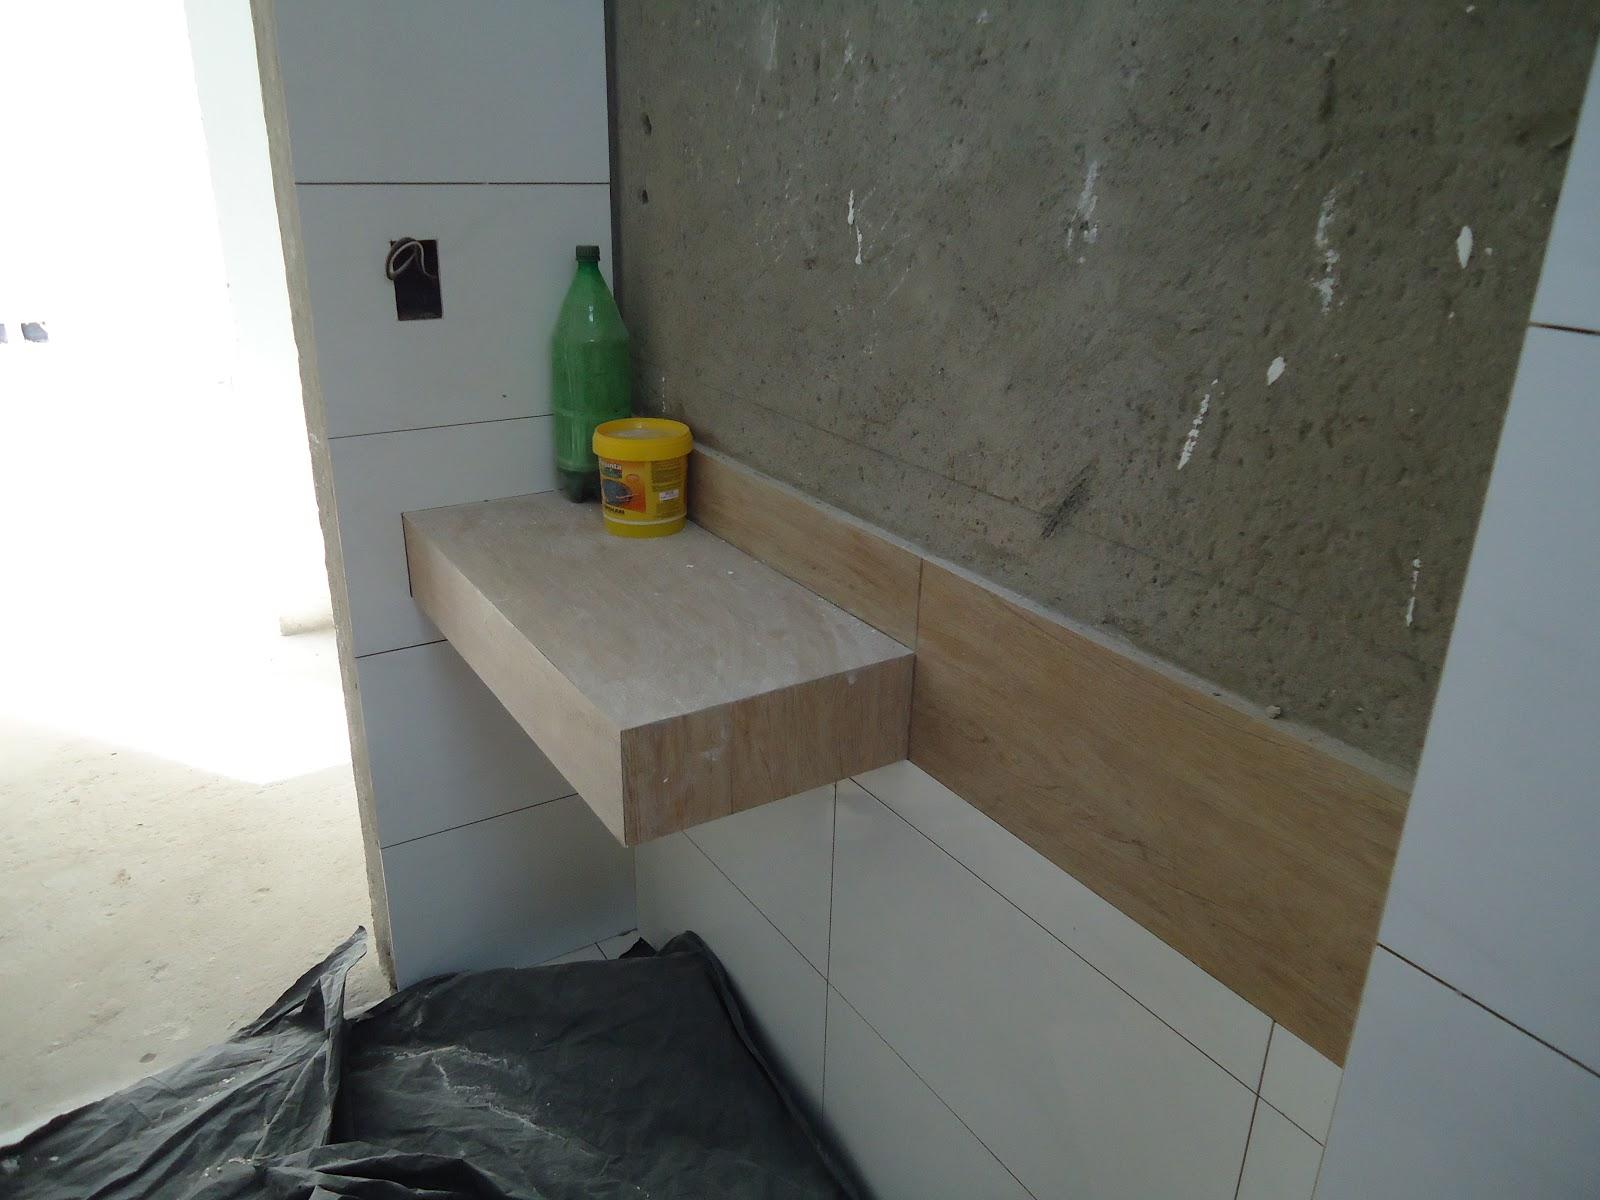 Bancada em porcelanato de madeira o mesmo da parede  #5C4F3B 1600x1200 Bancada Banheiro Leroy